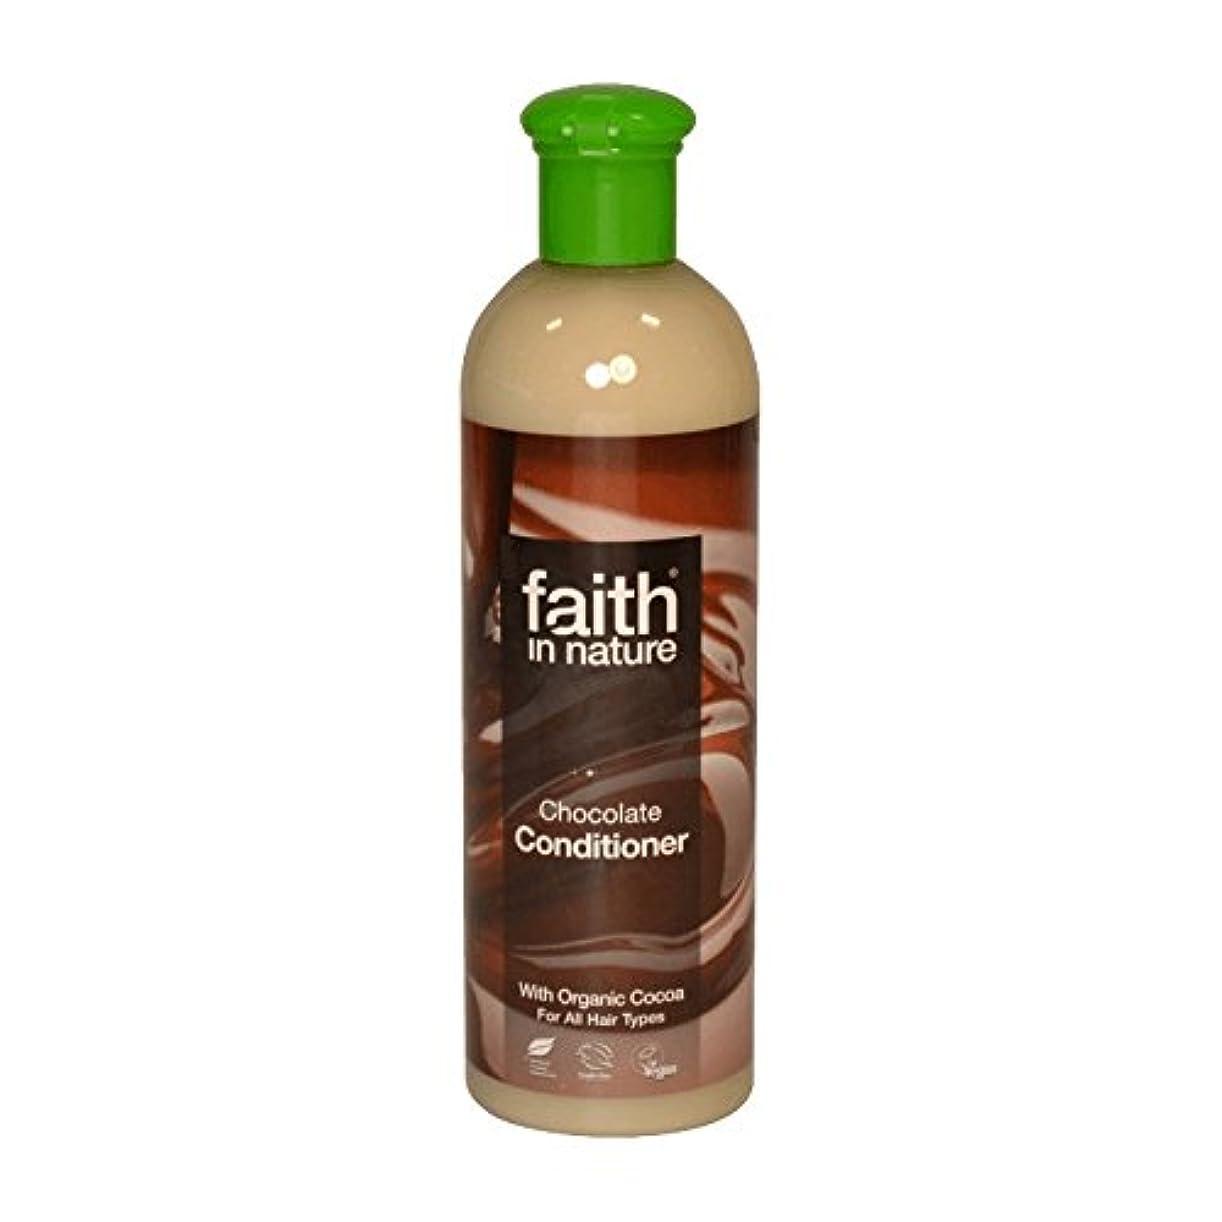 アルファベット順締める舞い上がるFaith In Nature Chocolate Conditioner 400ml (Pack of 6) - 自然チョコレートコンディショナー400ミリリットルの信仰 (x6) [並行輸入品]